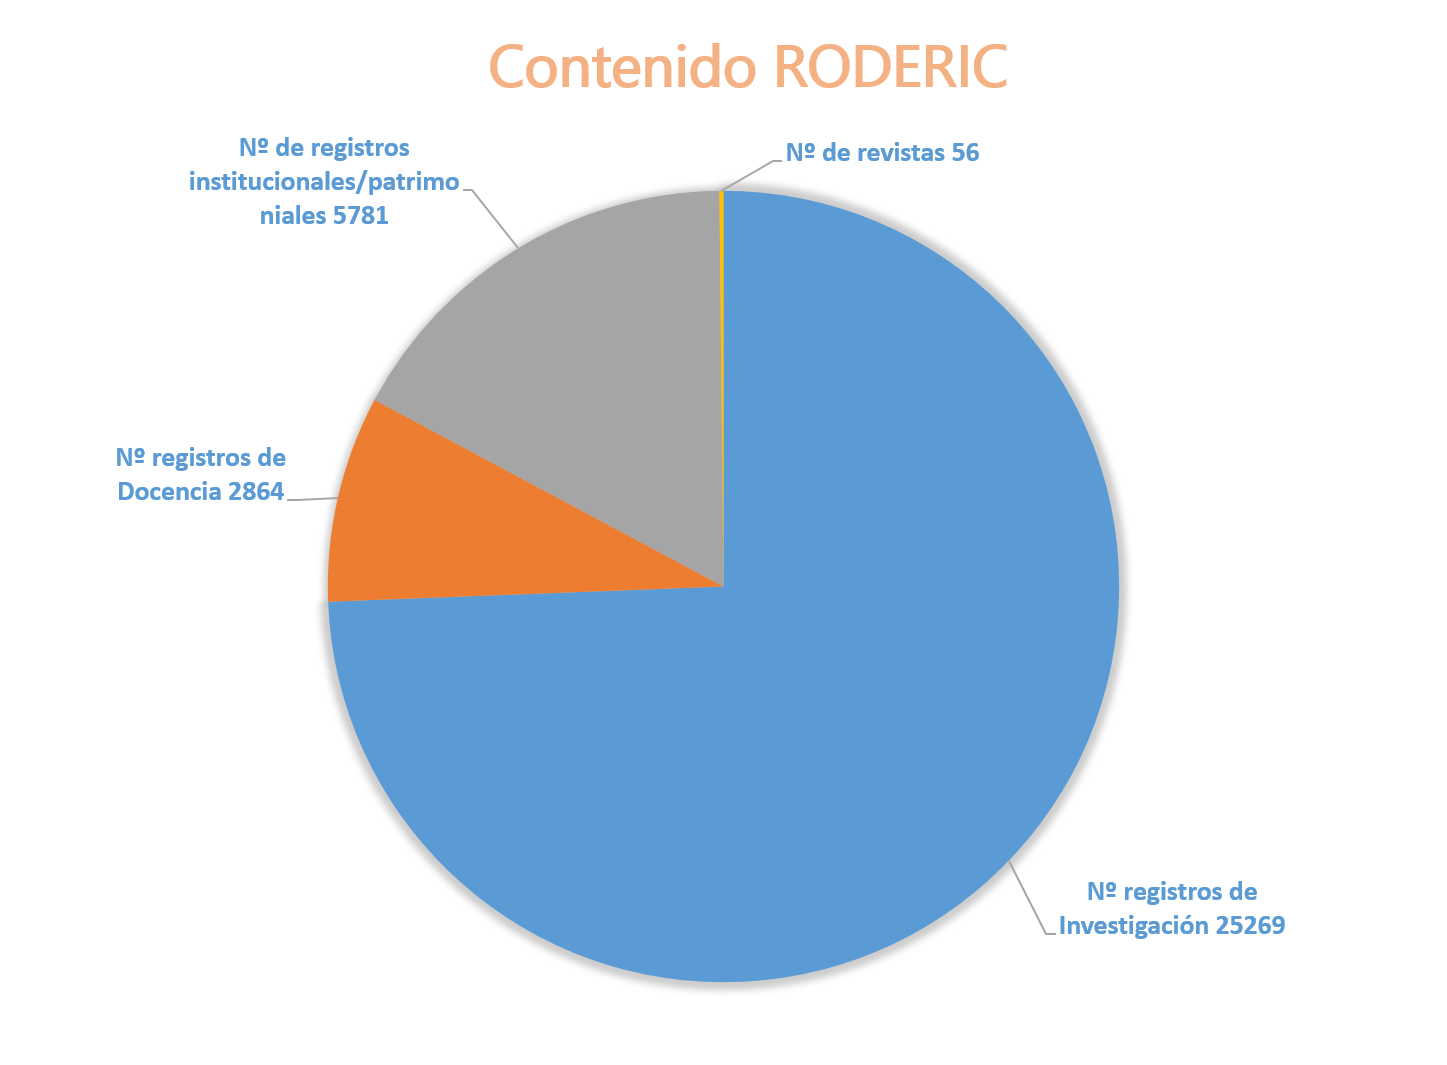 Contenido_RODERIC